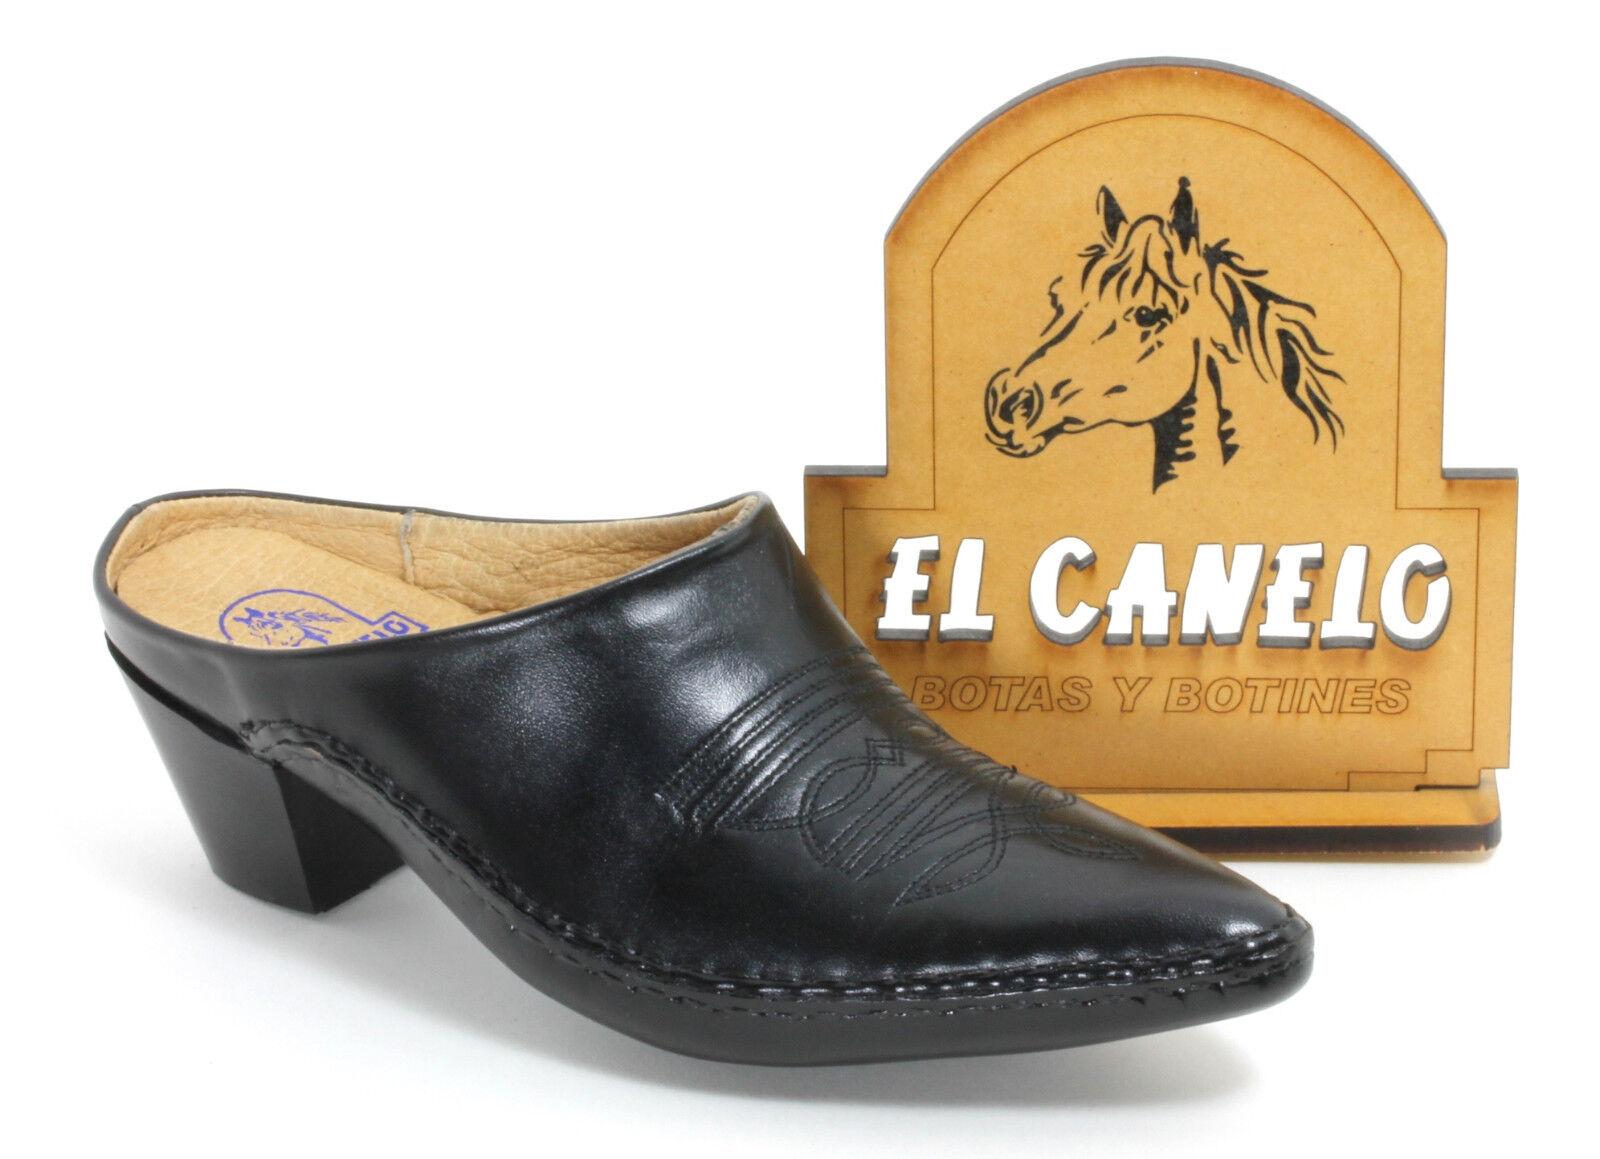 Cowboystiefel Westernstiefel Pantoletten Texas Boots Catalan Style El Canelo 35